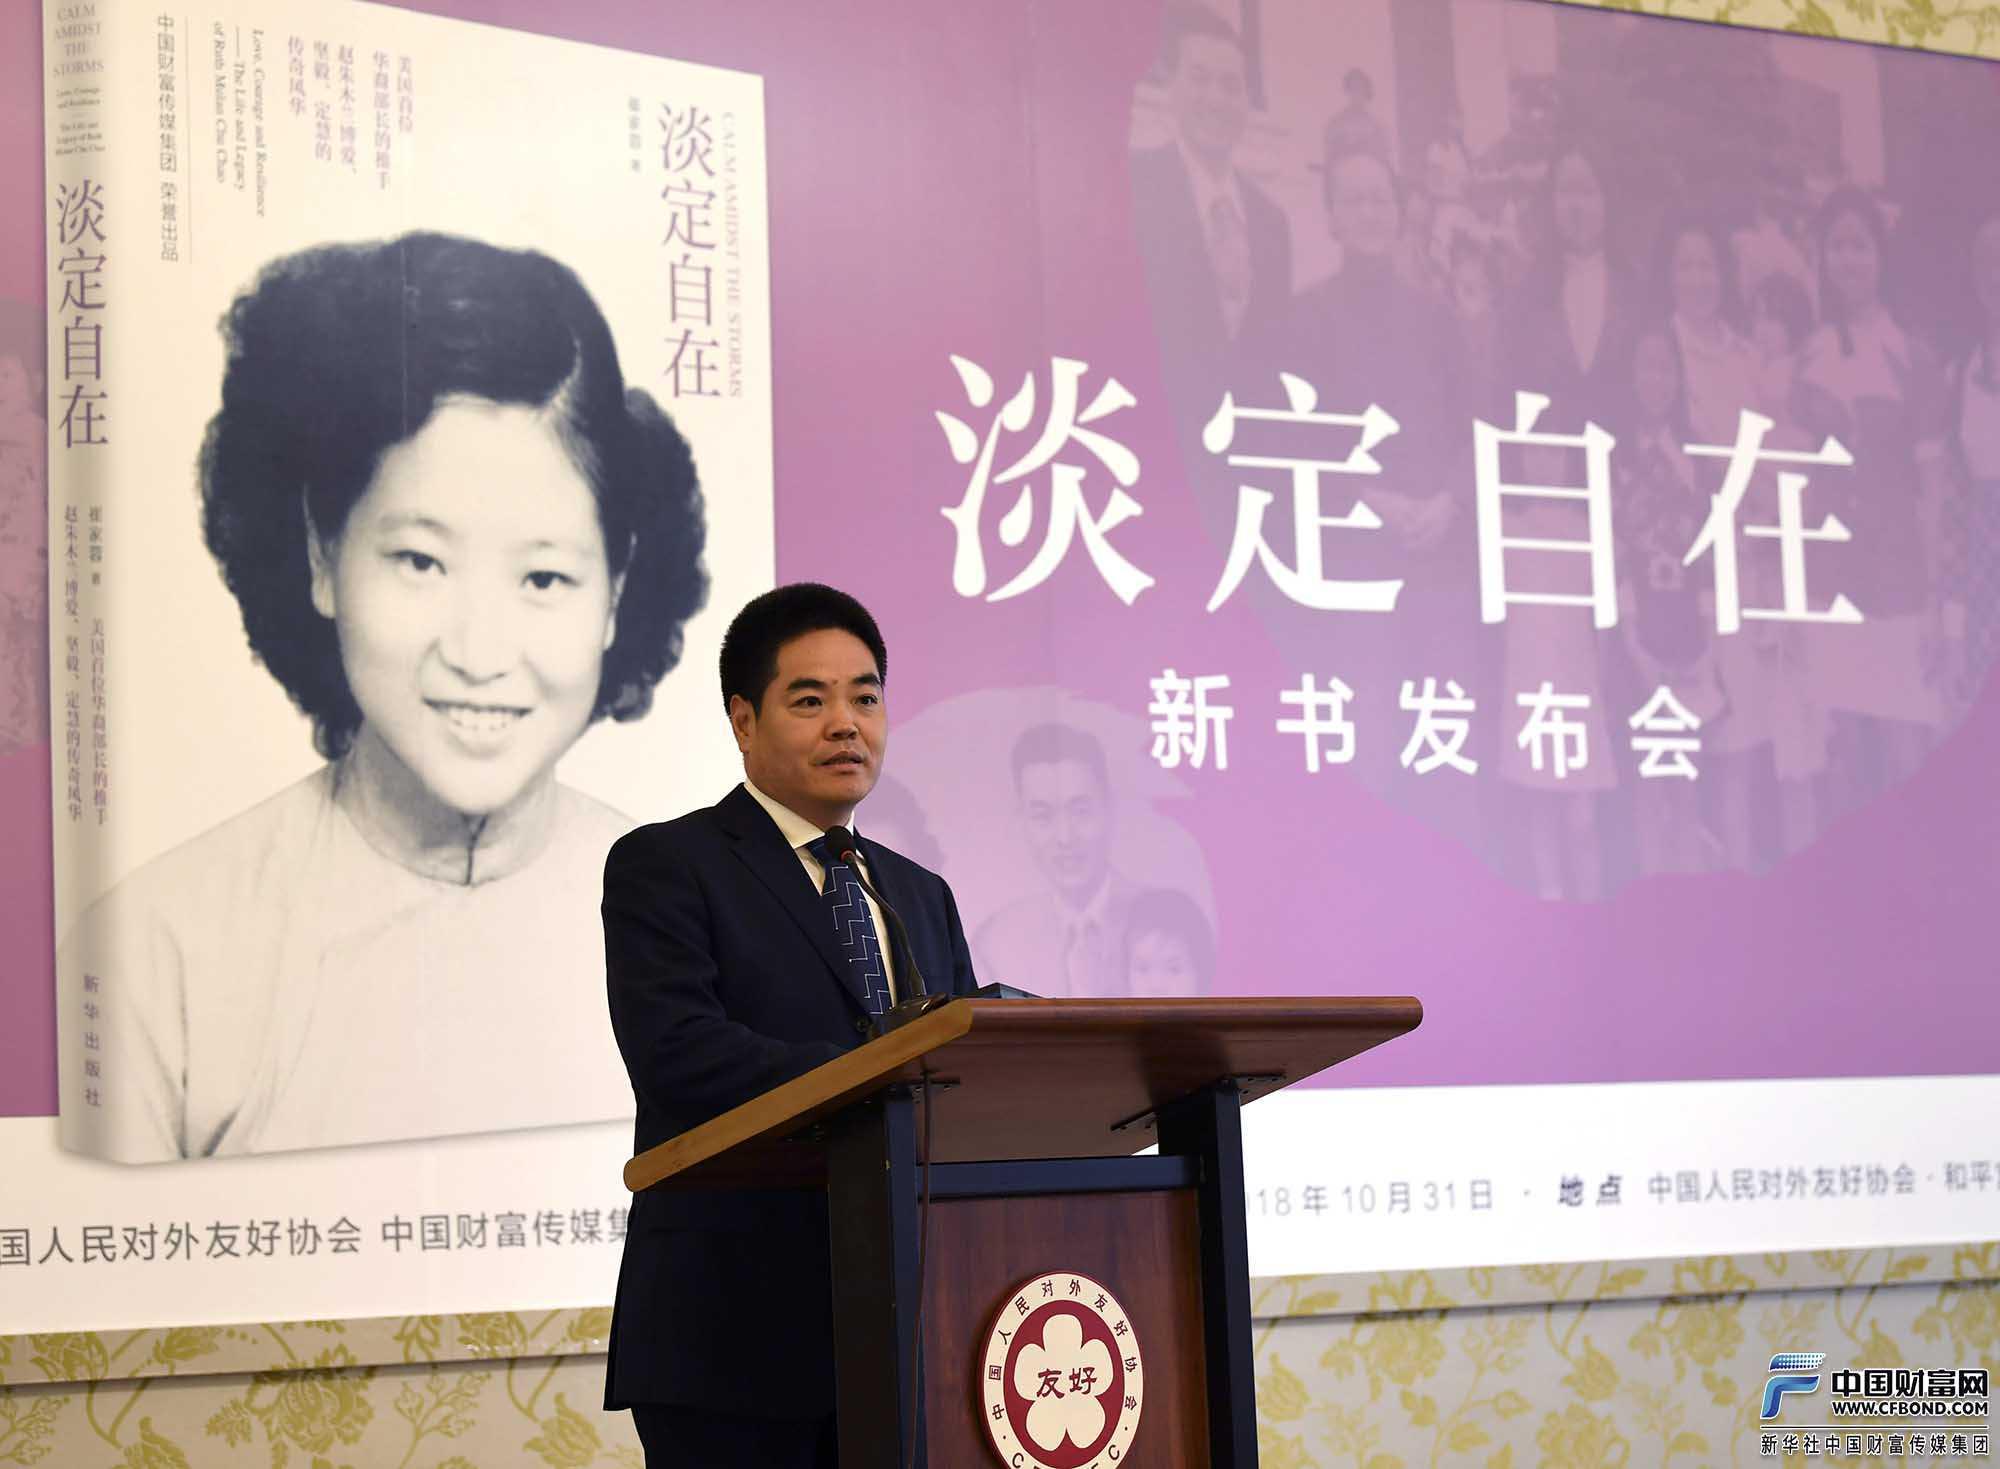 葛玮:赵朱木兰的人生故事会激励更多人北京unihub公司